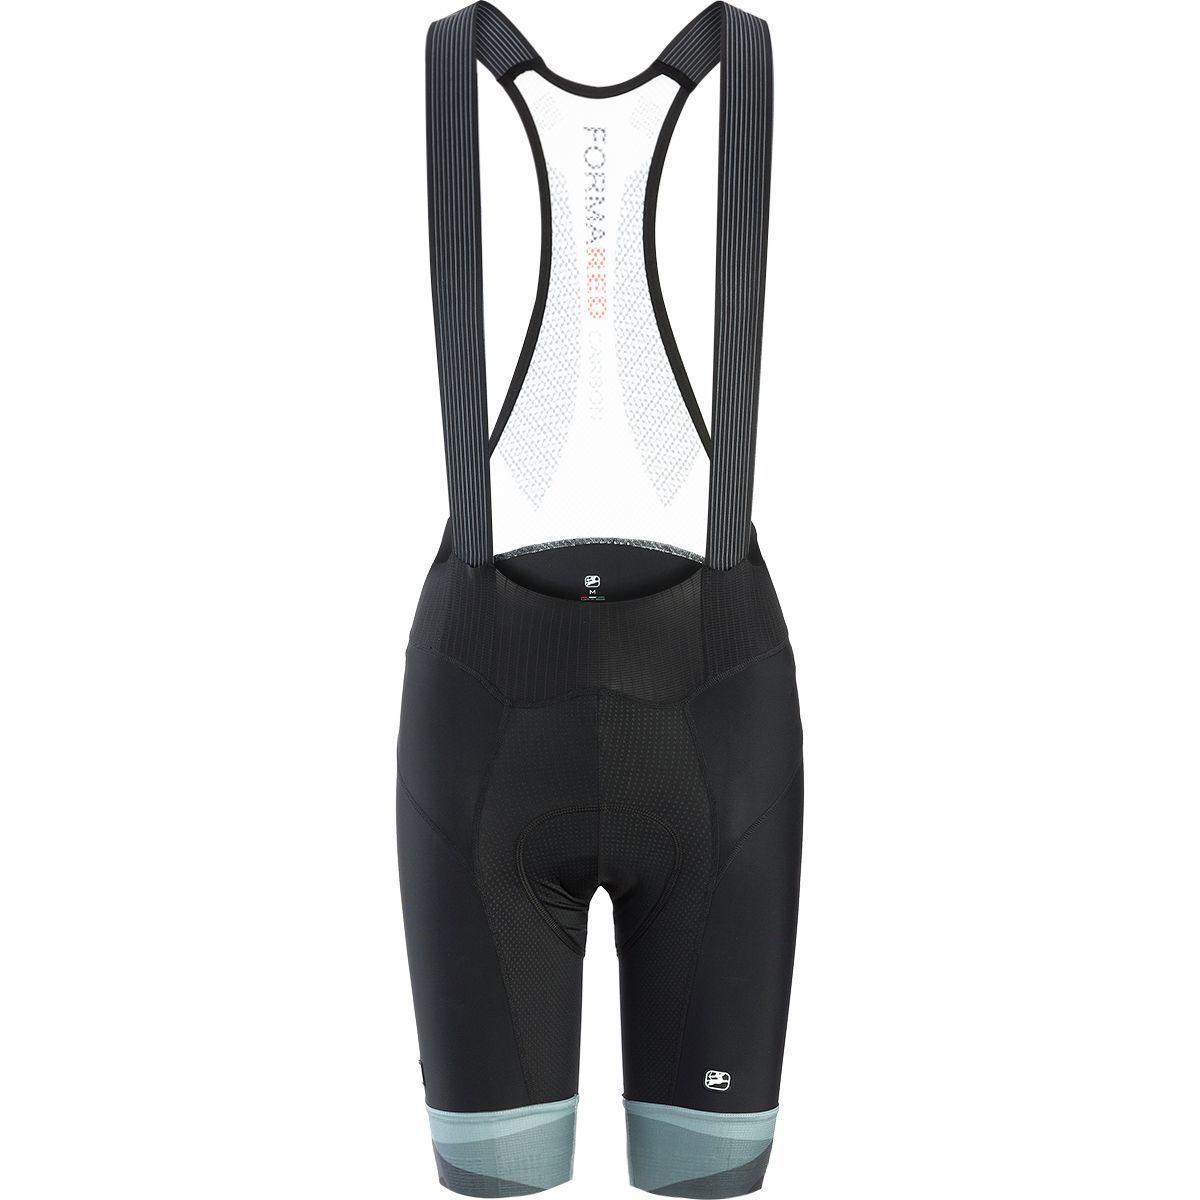 Giordana Moda FR-C Pro Bib Short - Women's